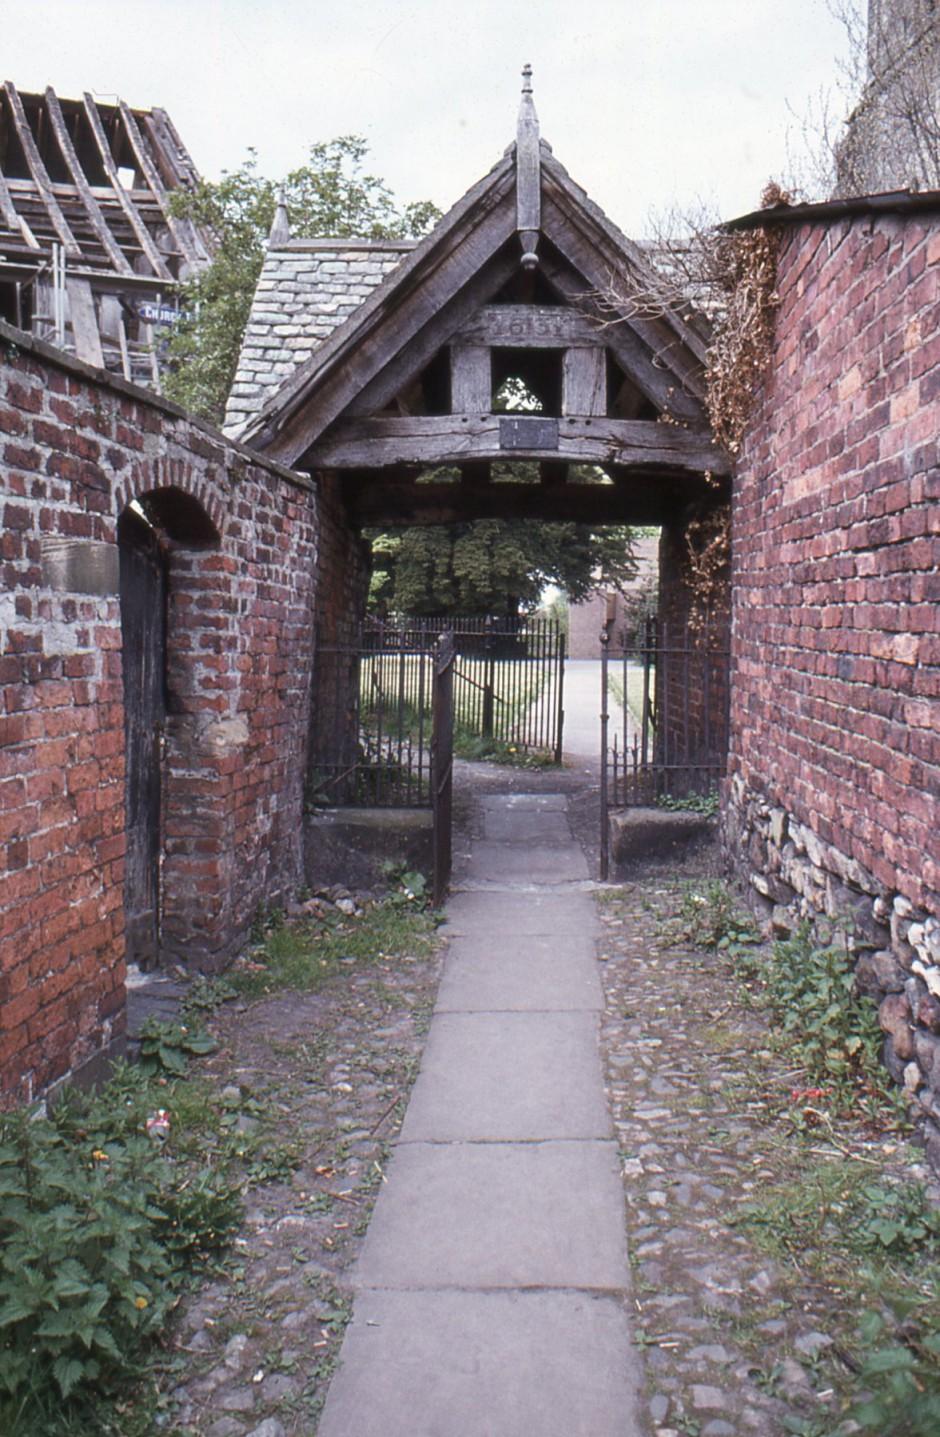 SL-O-5-25-1 Oswestry - Upper Brook St - Griddle Gate